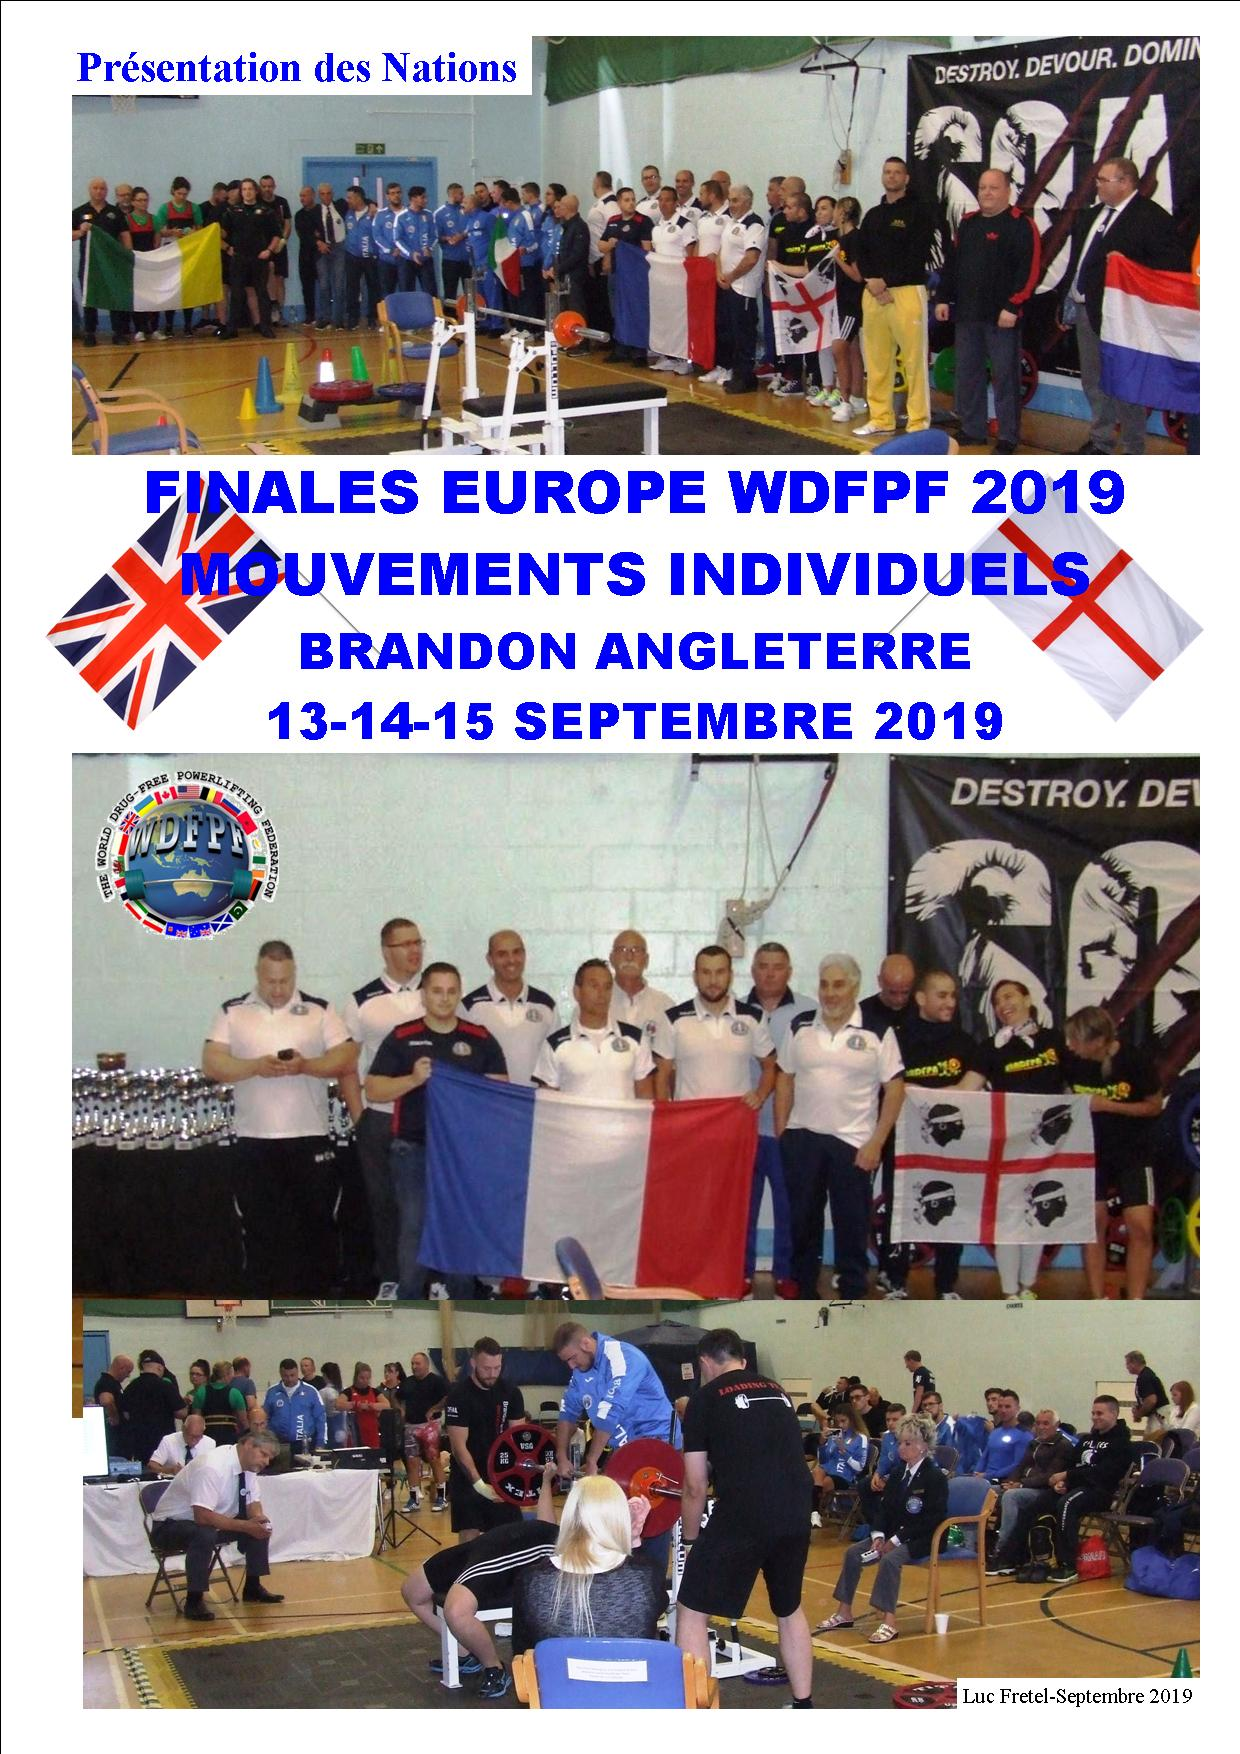 Europe brandon 13 14 15 septembre 2019 1